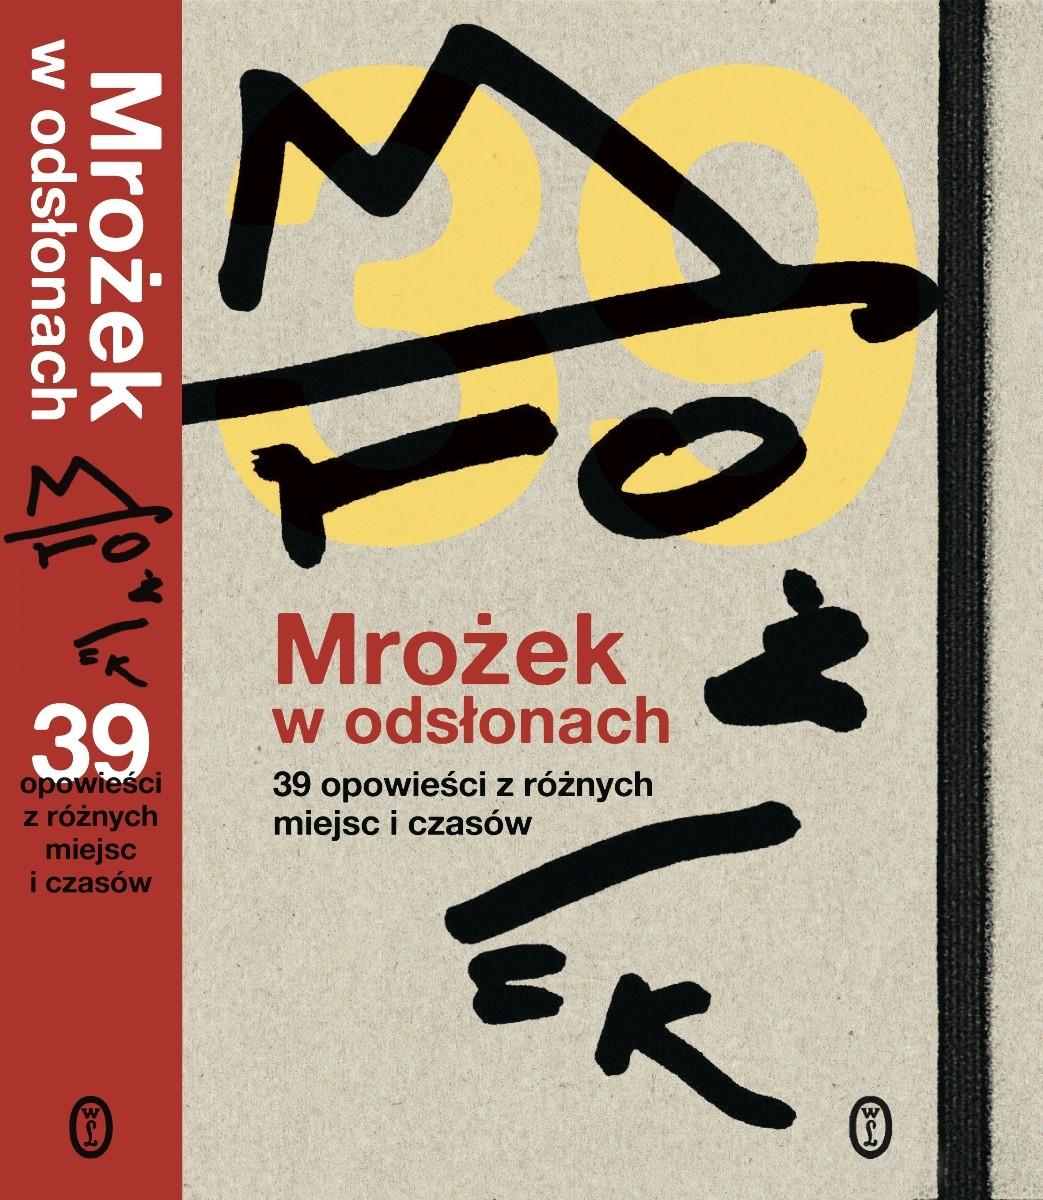 """""""Mrożek w odsłonach. 39 opowieści z różnych miejsc i czasów"""" – okładka (źródło: materiały prasowe)"""